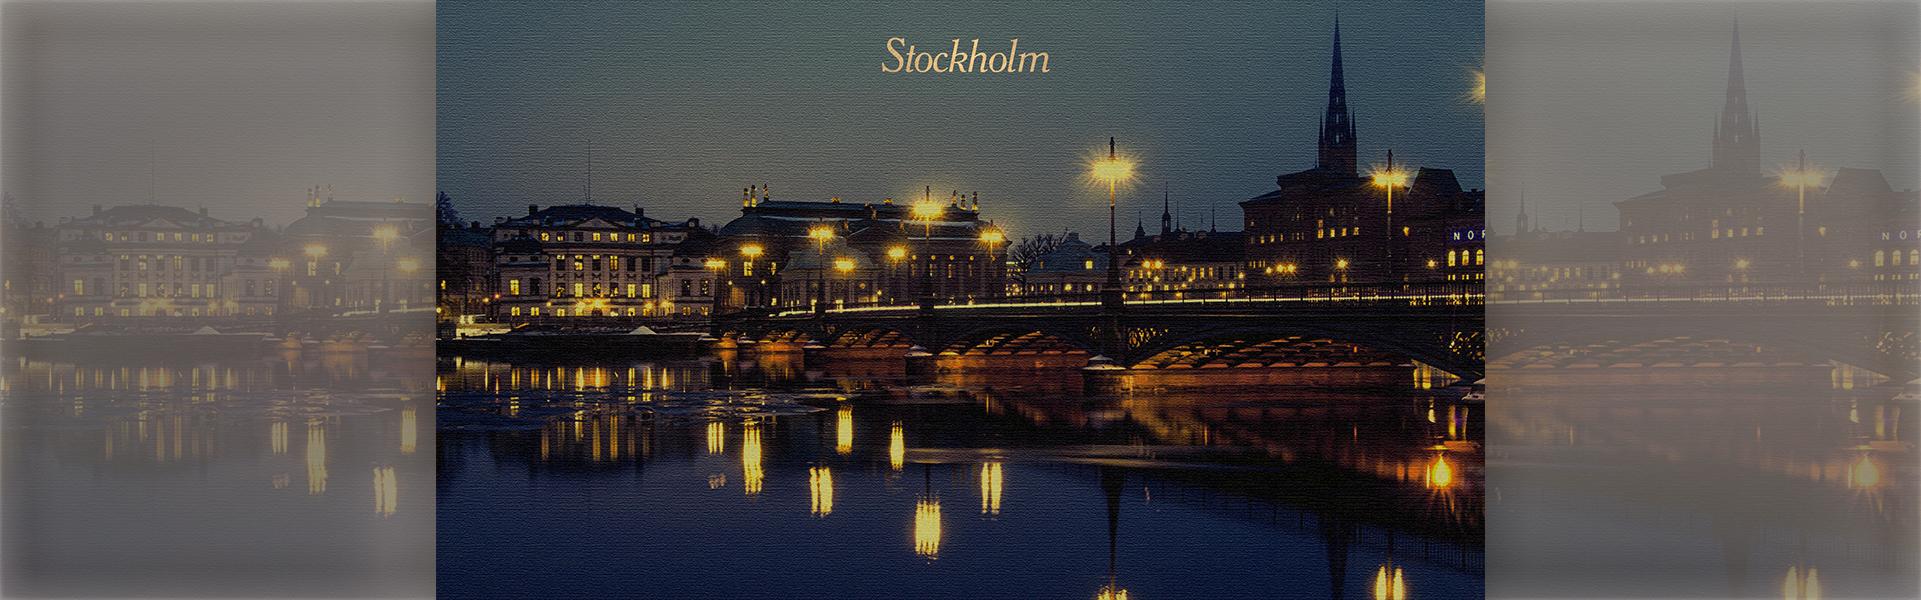 Stockholm 4 слайдер2